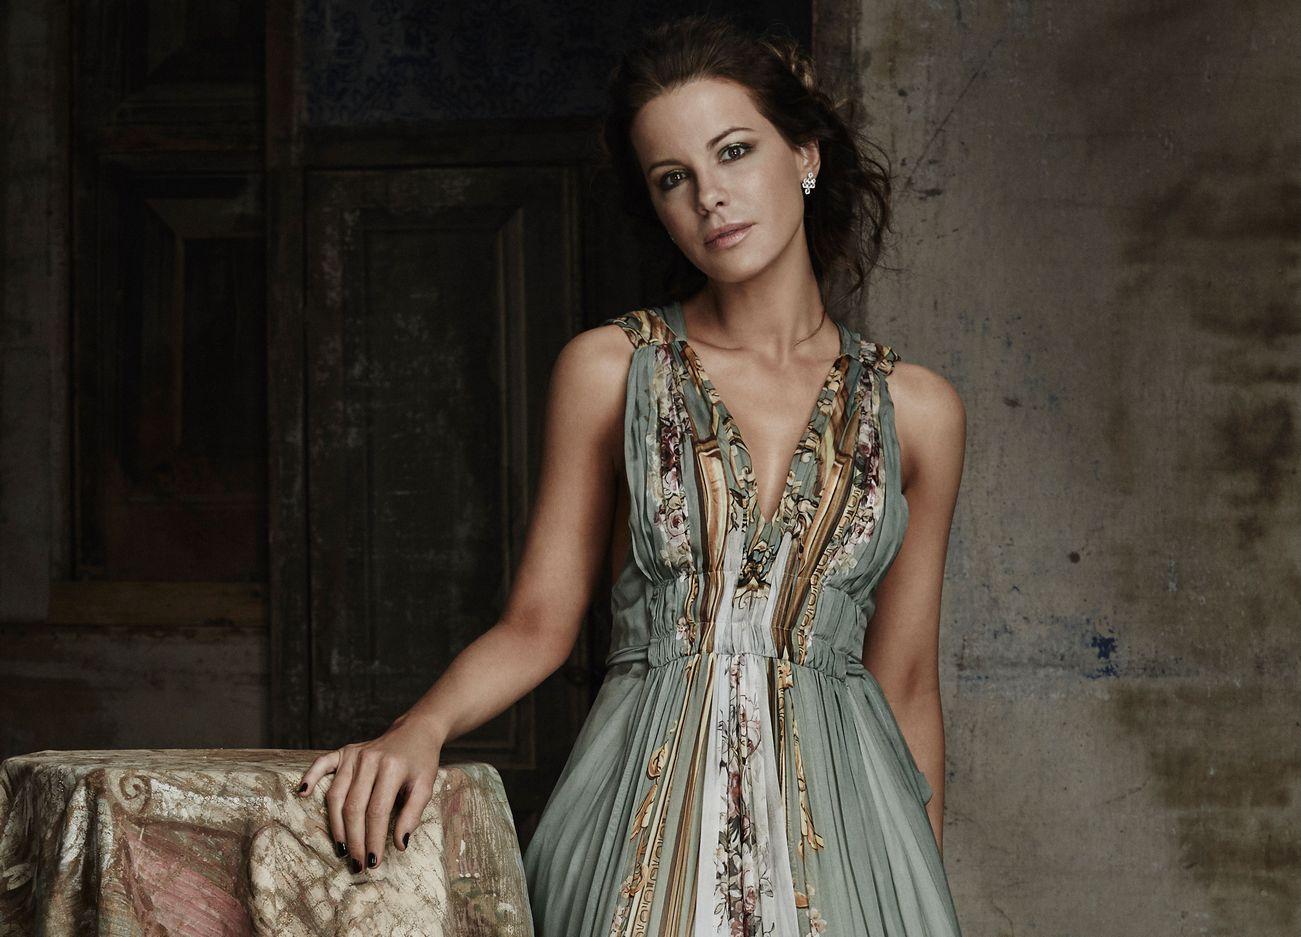 Kate Beckinsale by Alex Bramall for Evening Standard December 2015